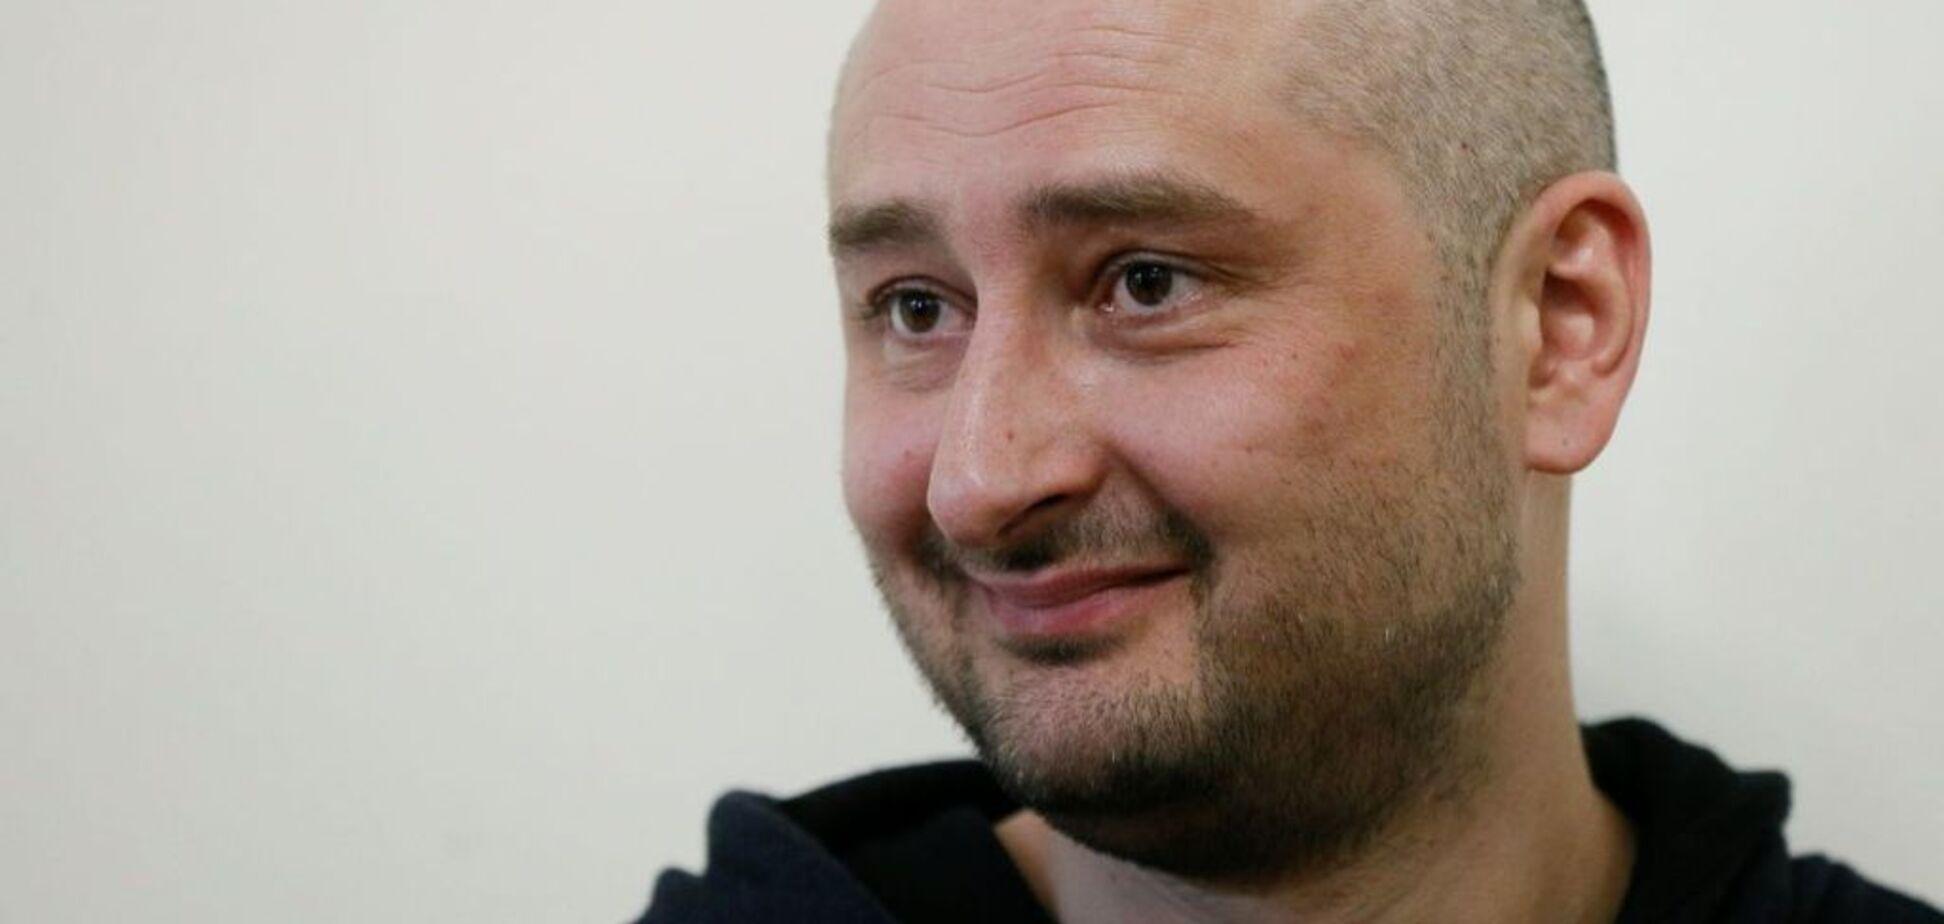 'Нех*рово так': стало известно, сколько ФСБ заплатила организатору 'убийства' Бабченко